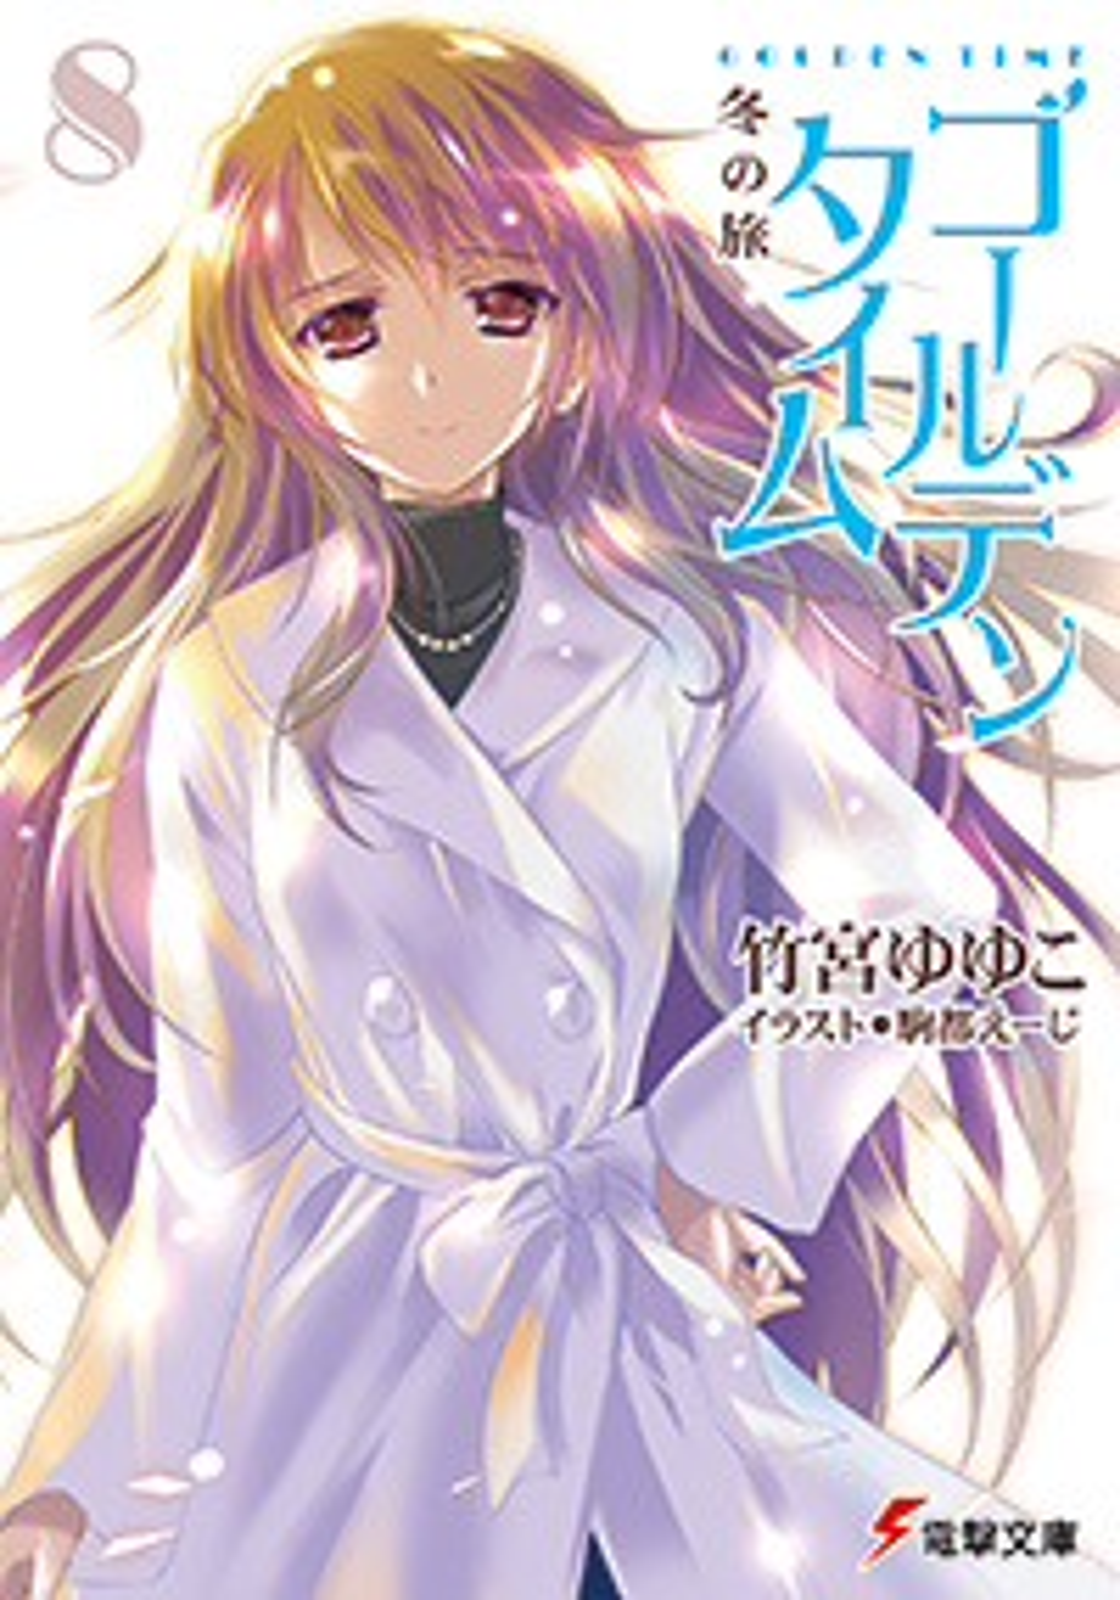 File:Novel 8 Cover.jpg